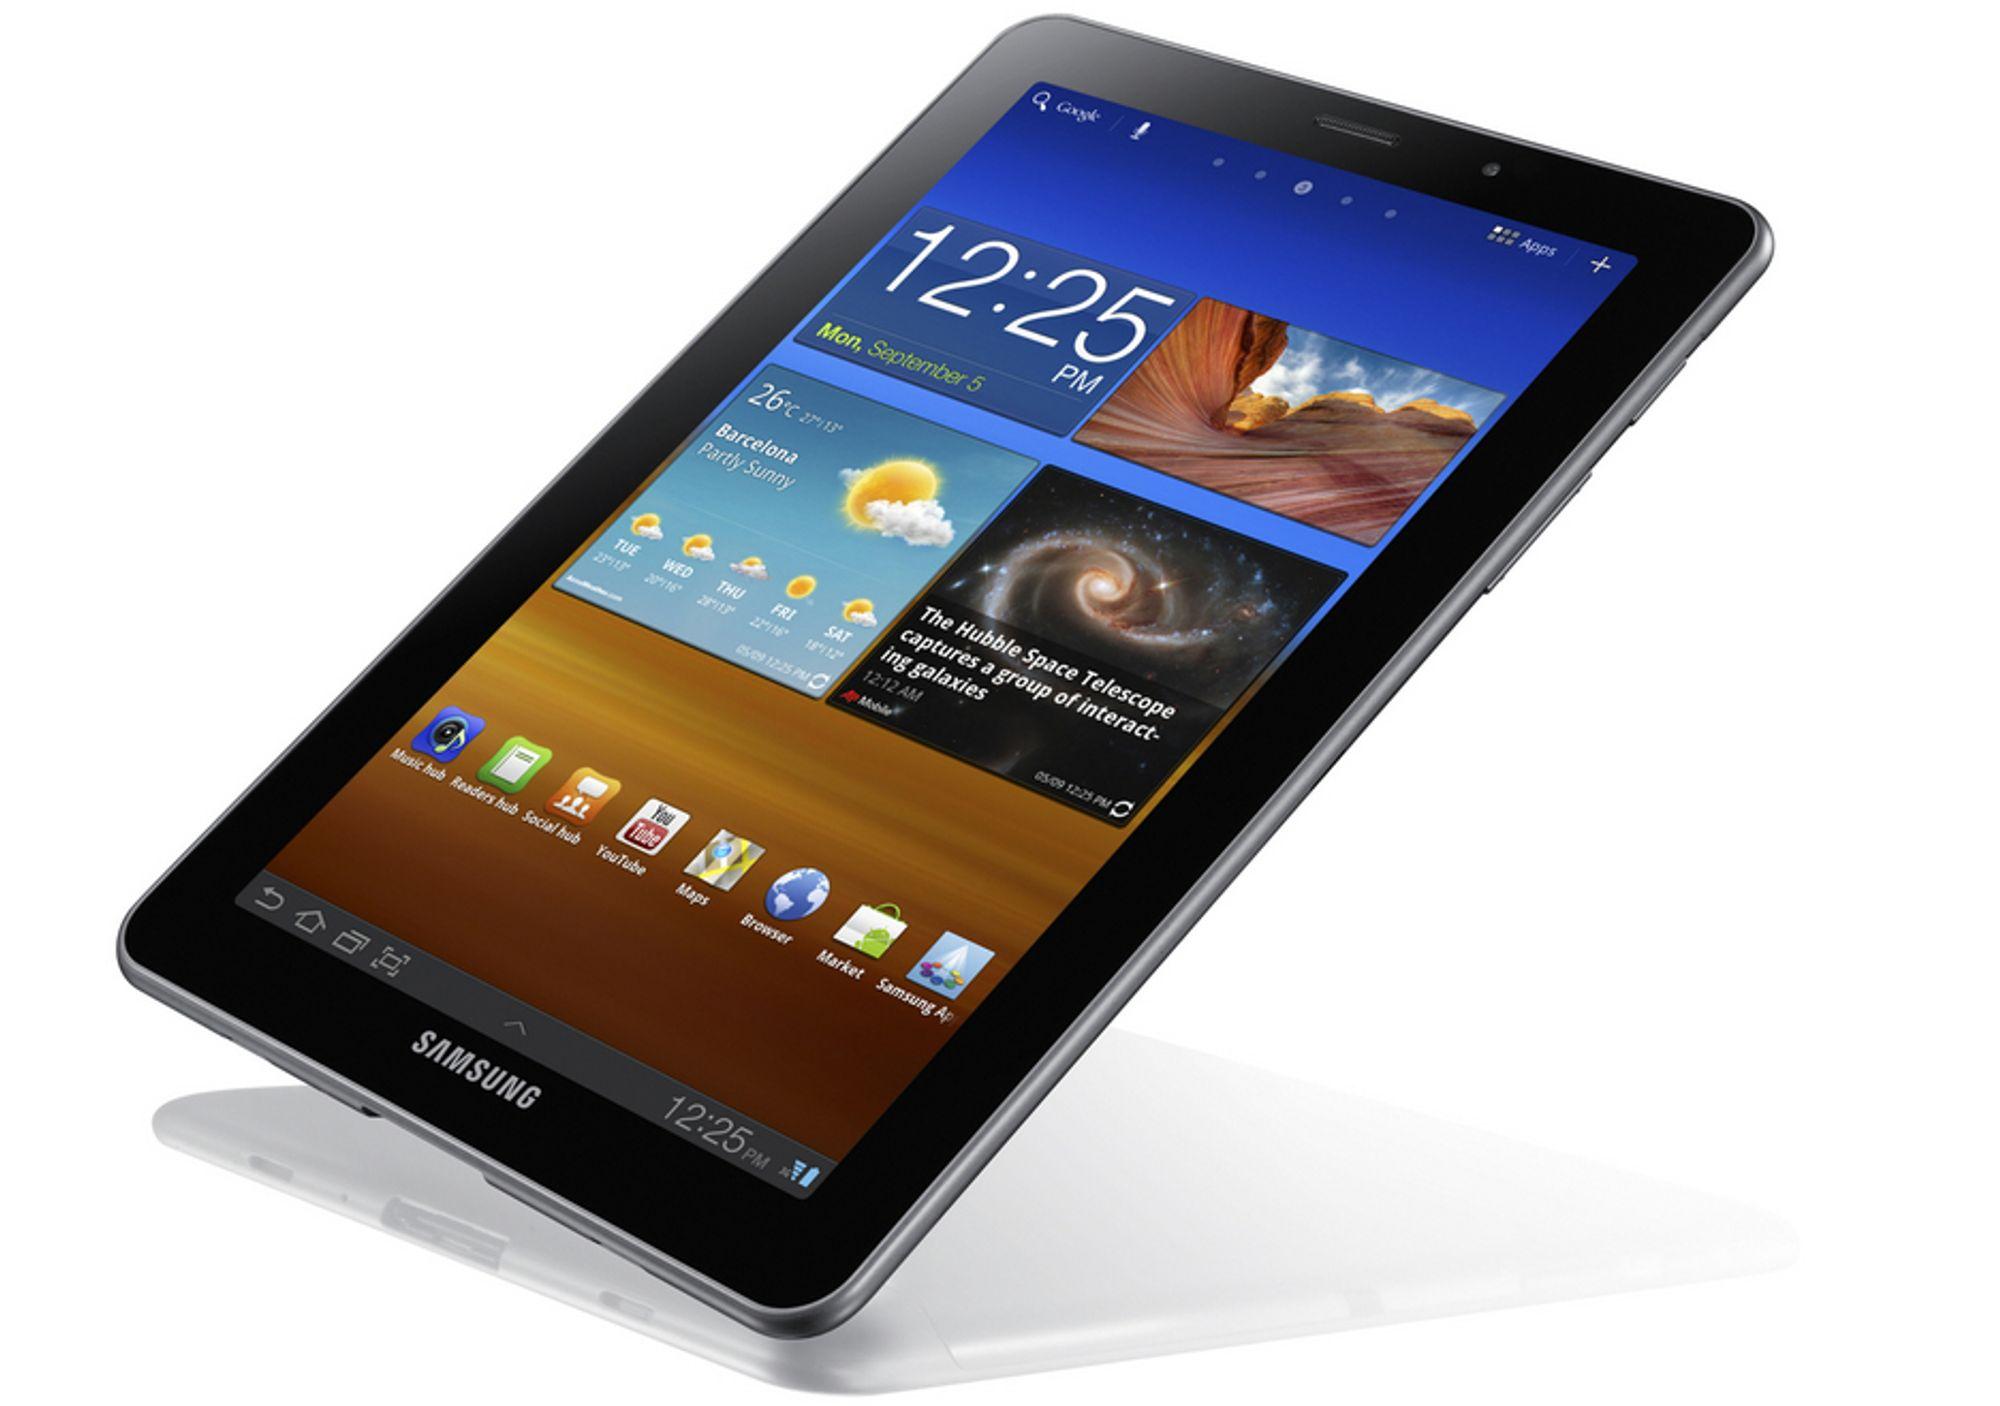 BRETT: Slik ser det ut, Samsungs nye nettbrett på 7,7 tommer.